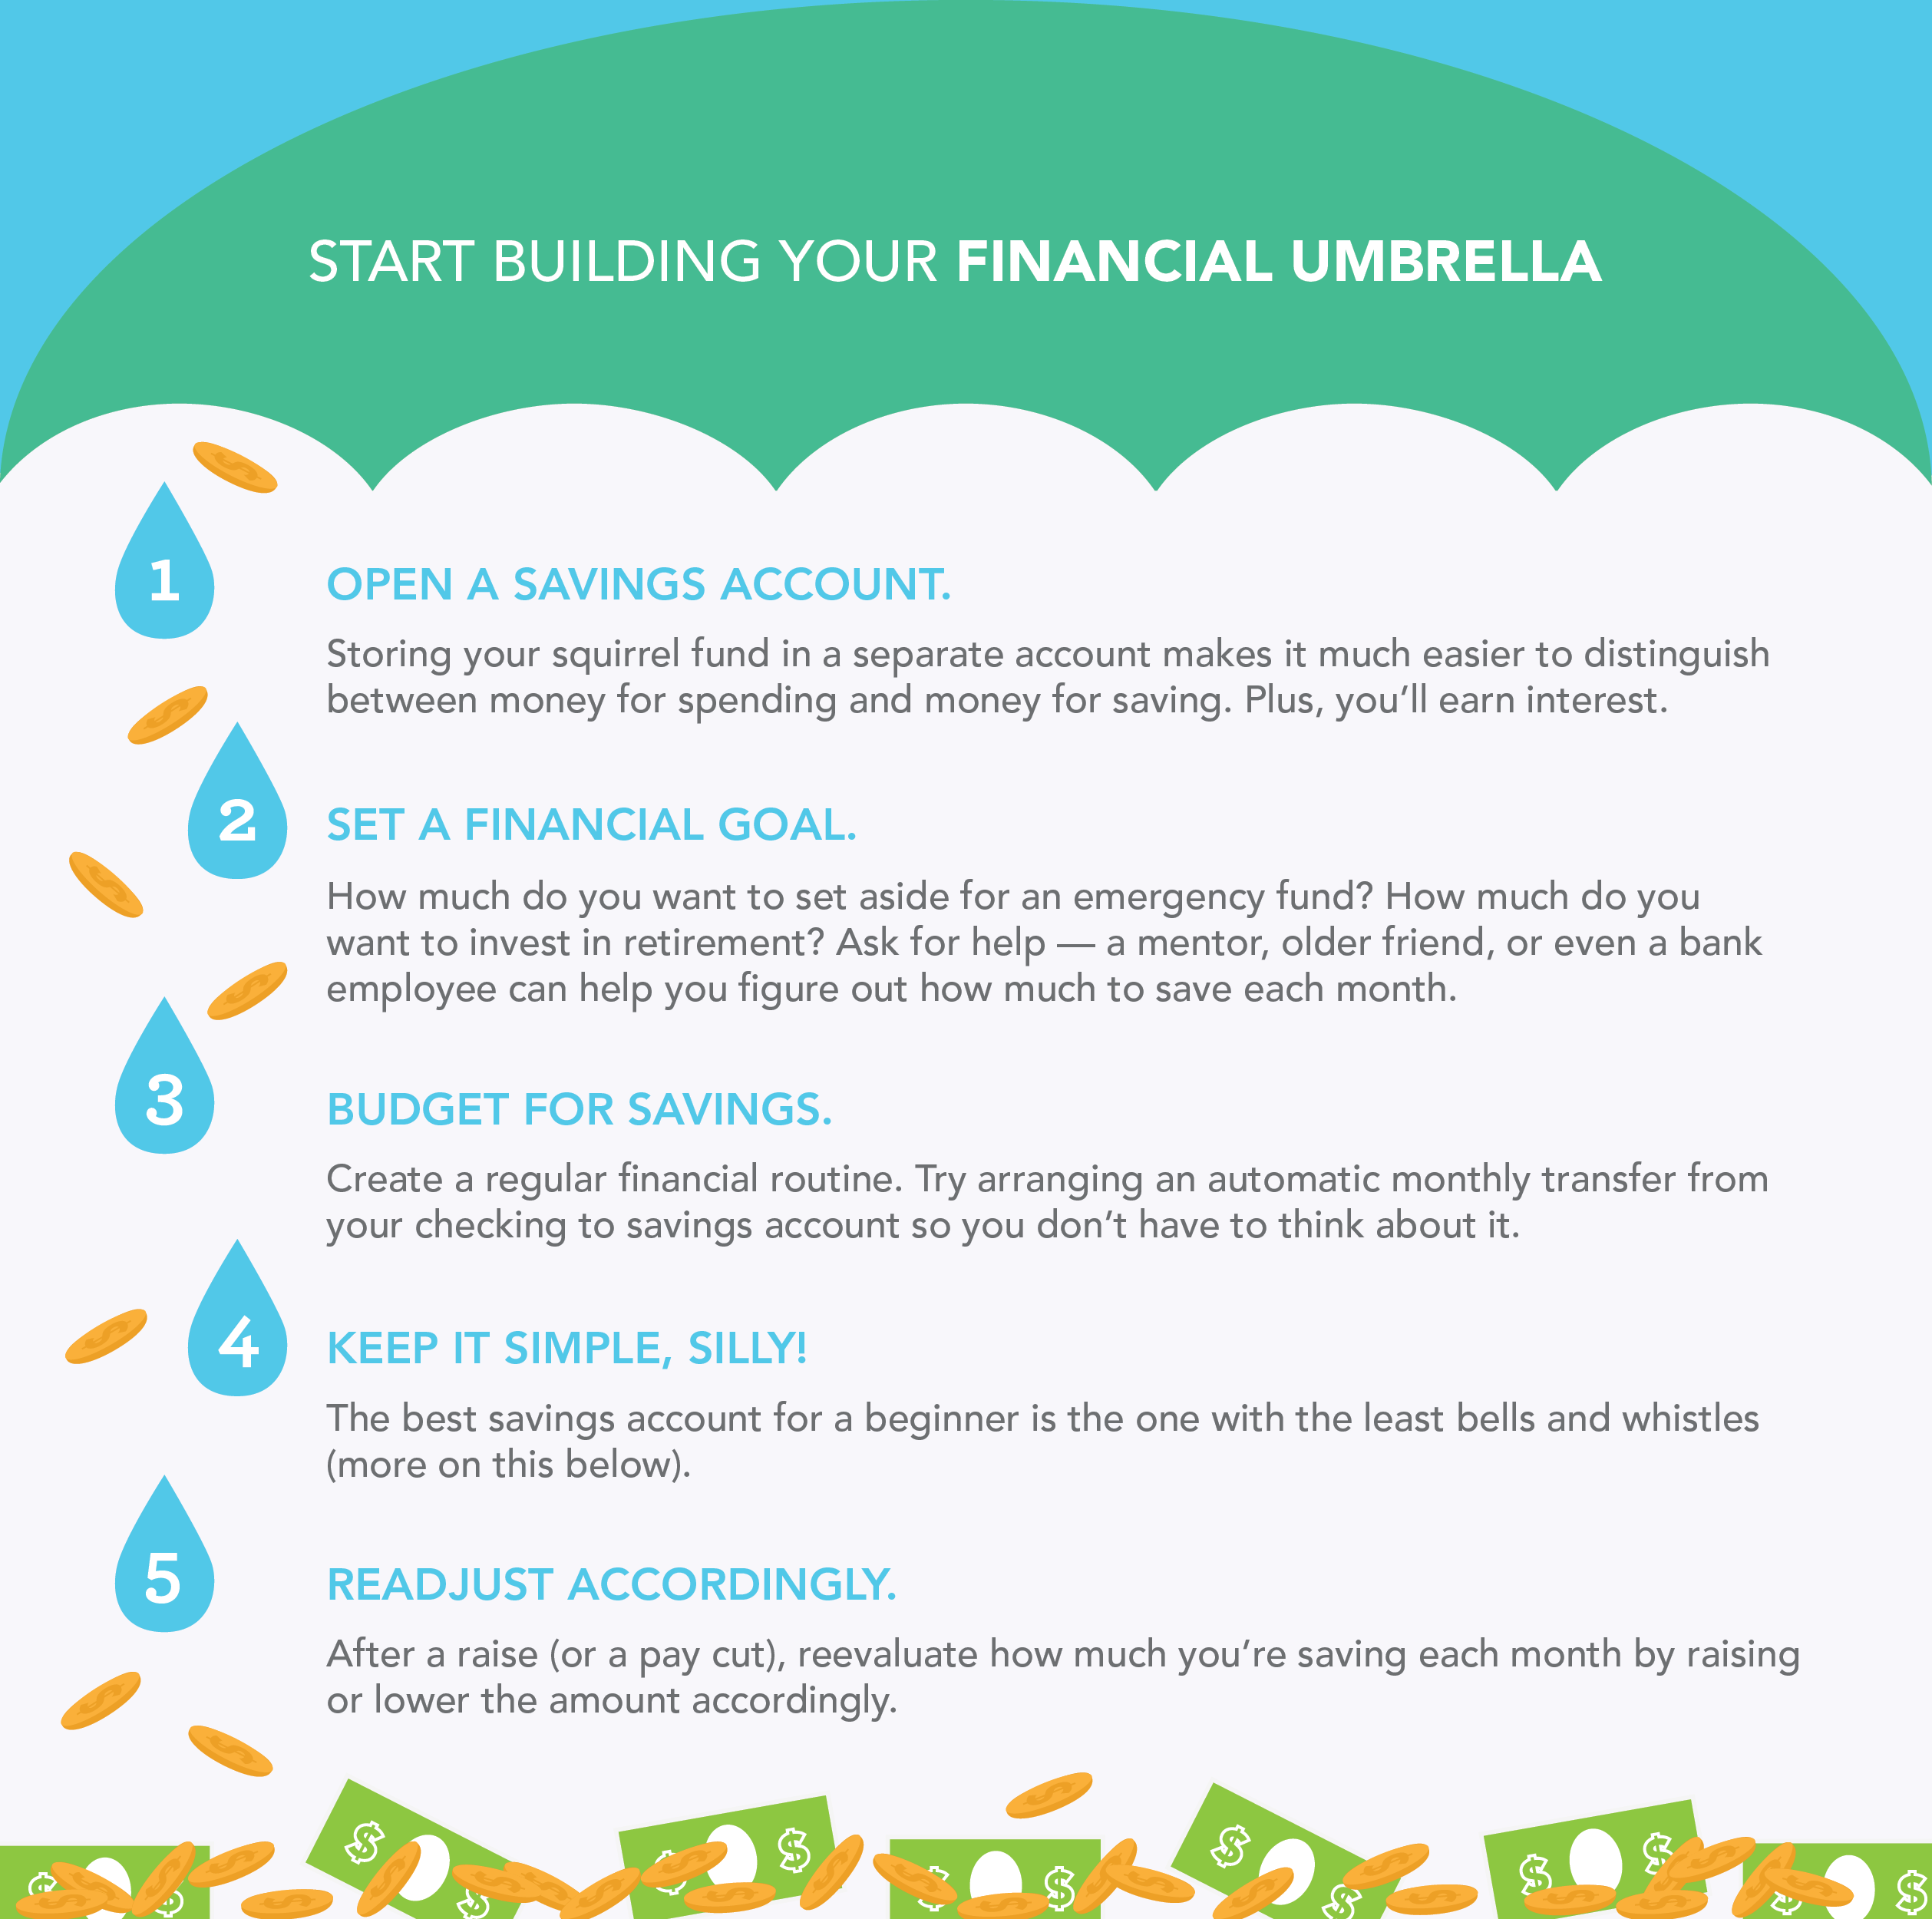 Financial Umbrella